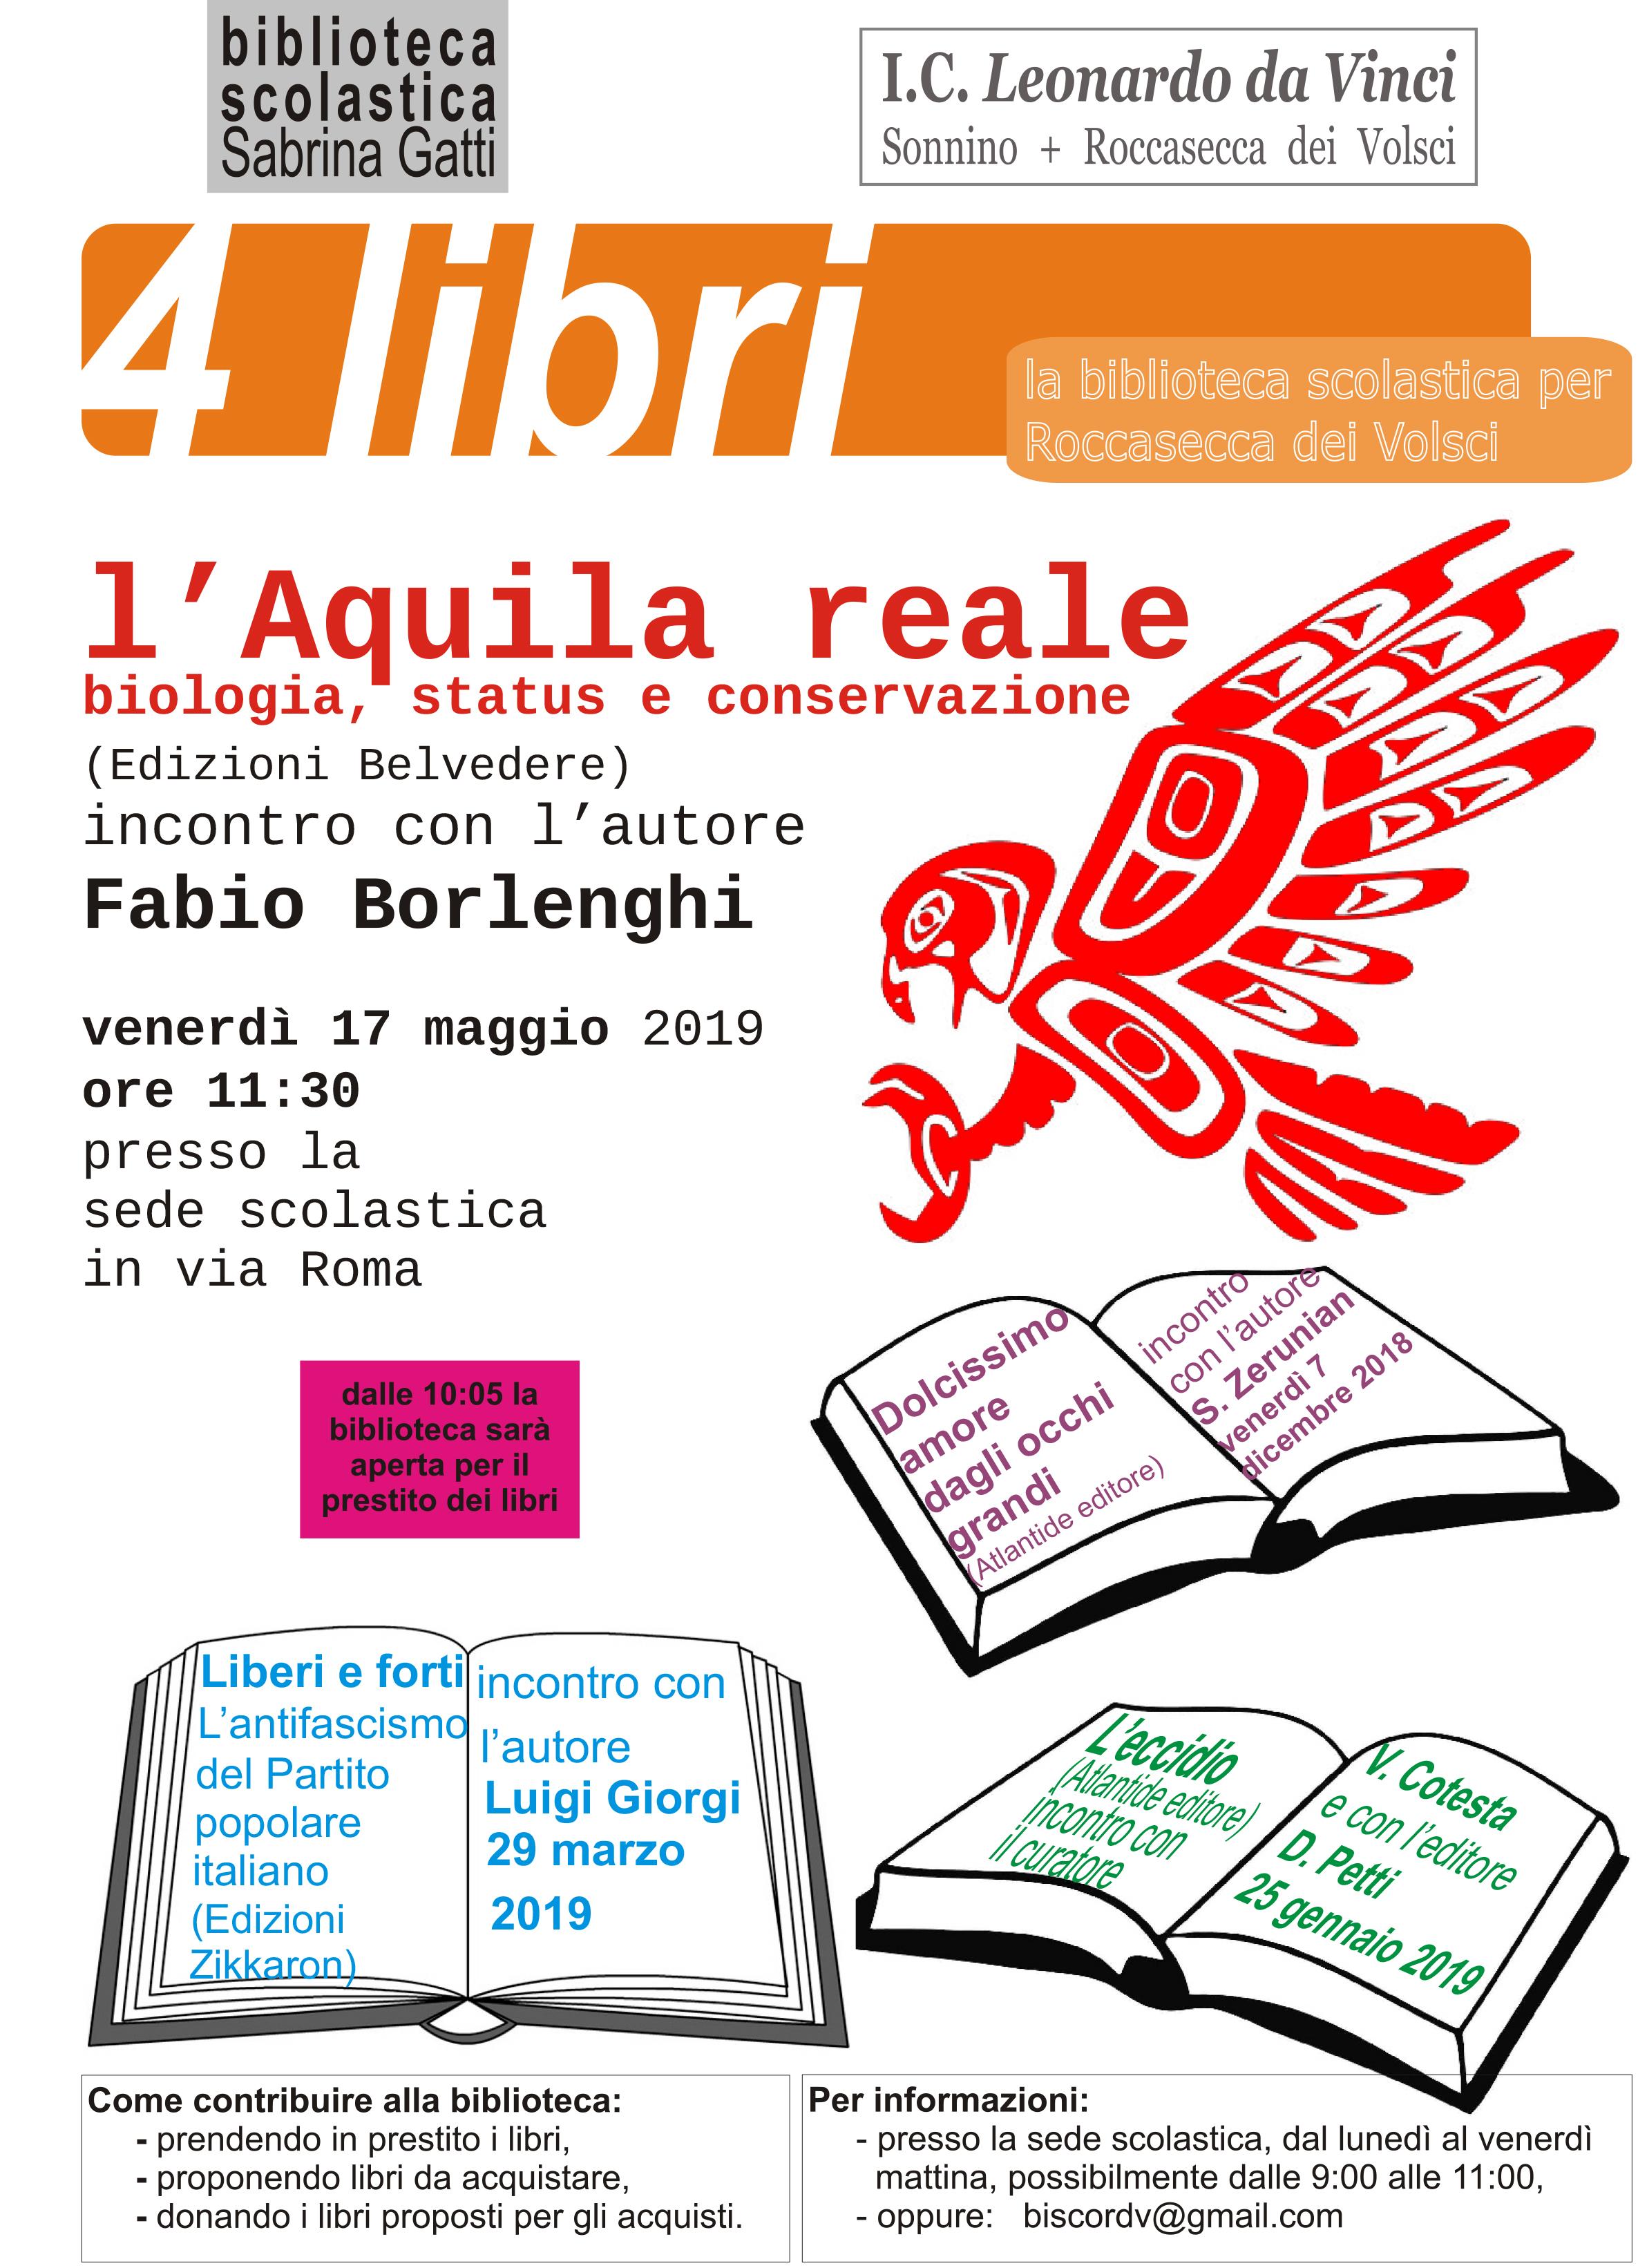 Roccasecca dei Volsci: L'Aquila reale - biologia, status e conservazione @ Scuola media I.C. Leonardo Da Vinci | Roccasecca dei Volsci | Lazio | Italia